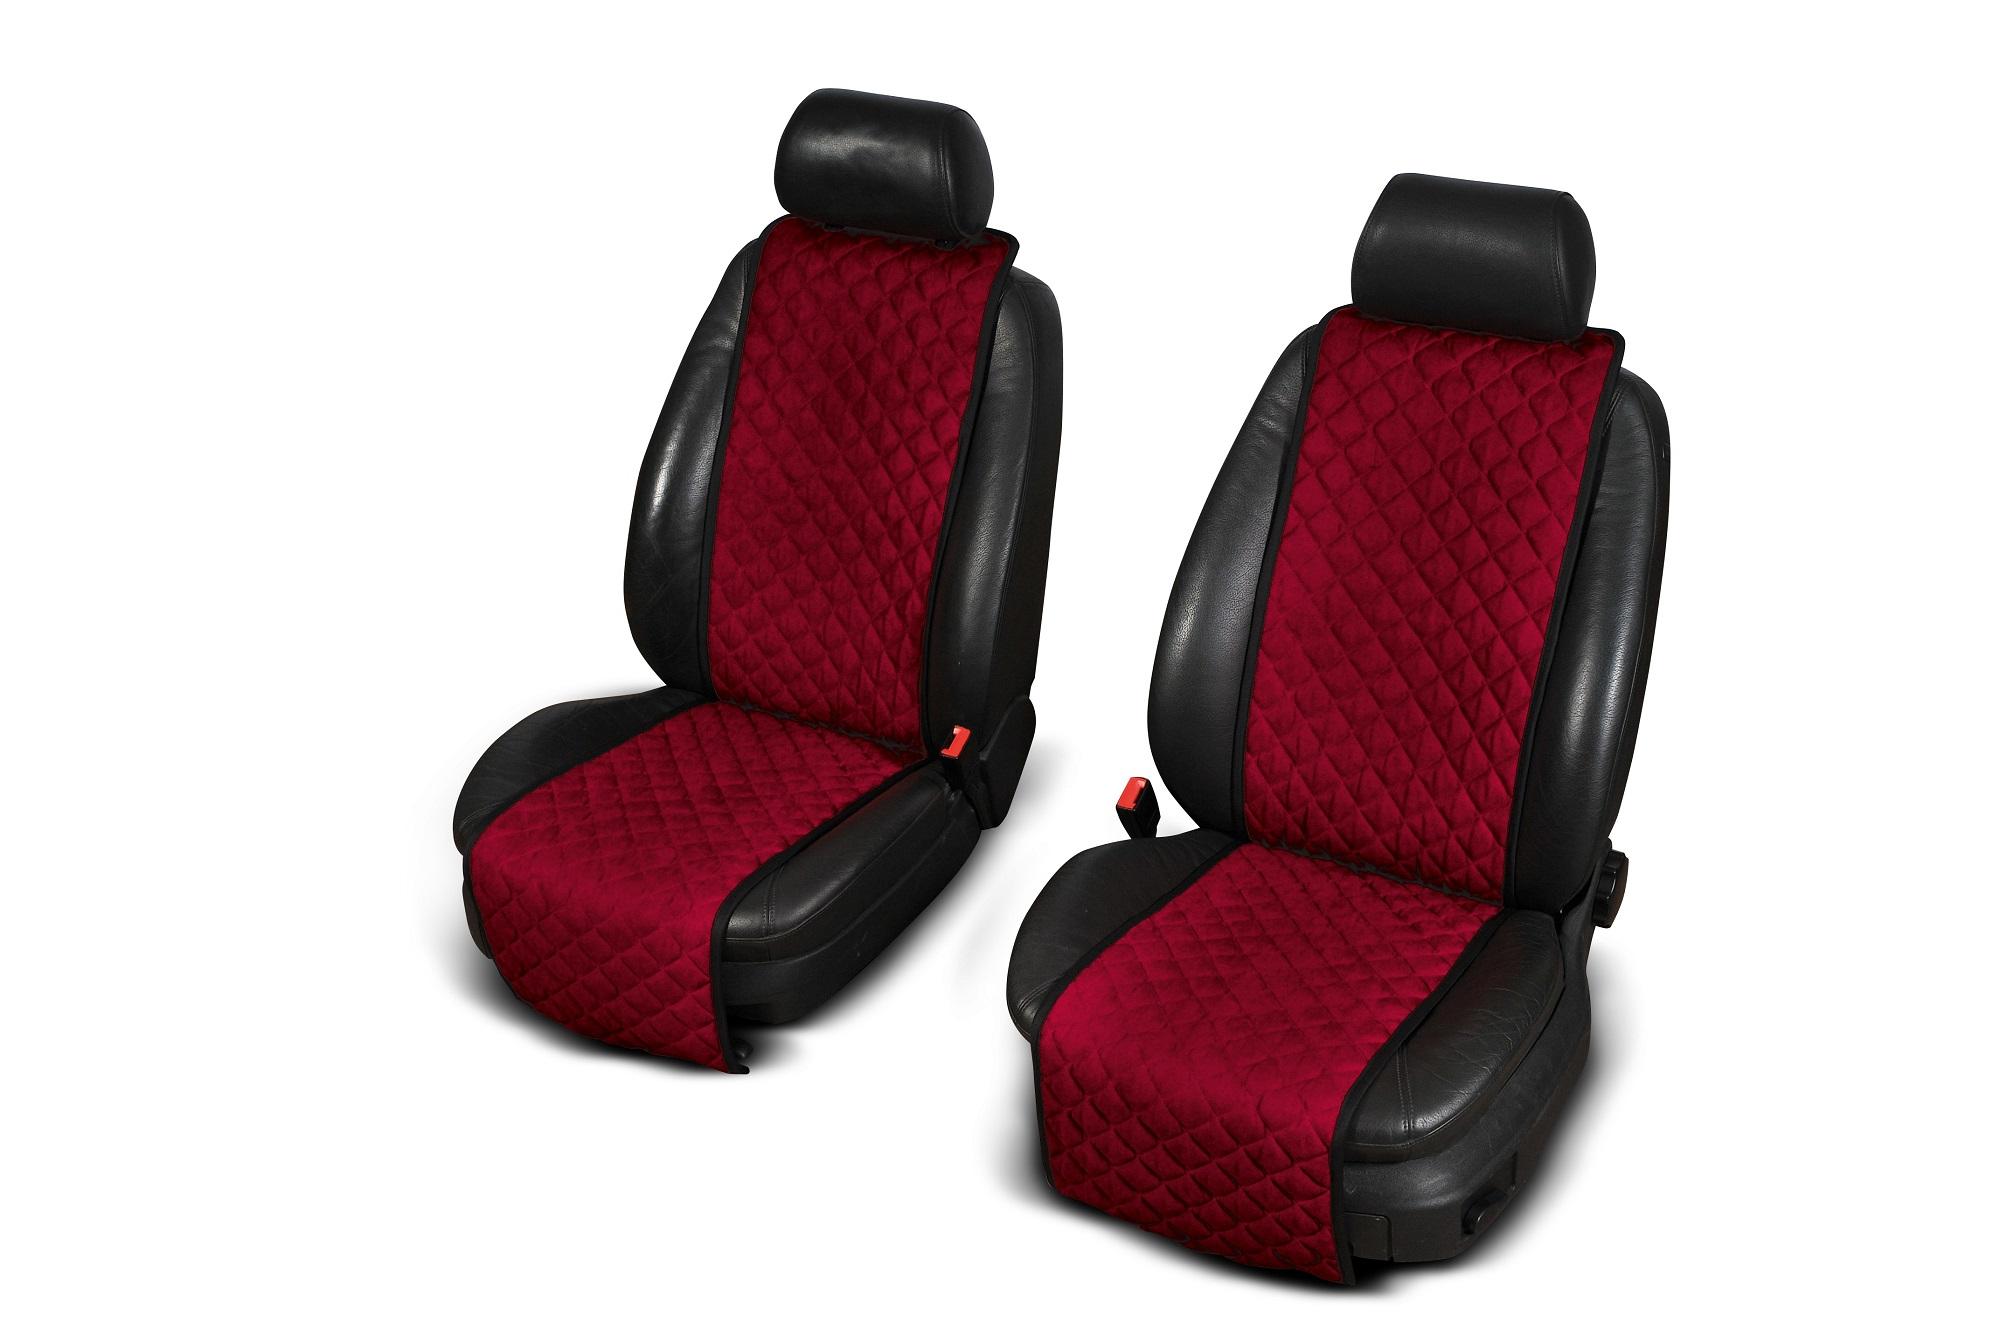 Autopotahy Cantra - Standardní. 2x autopotahy na přední sedadla Barva: Černá se zlatým prošíváním